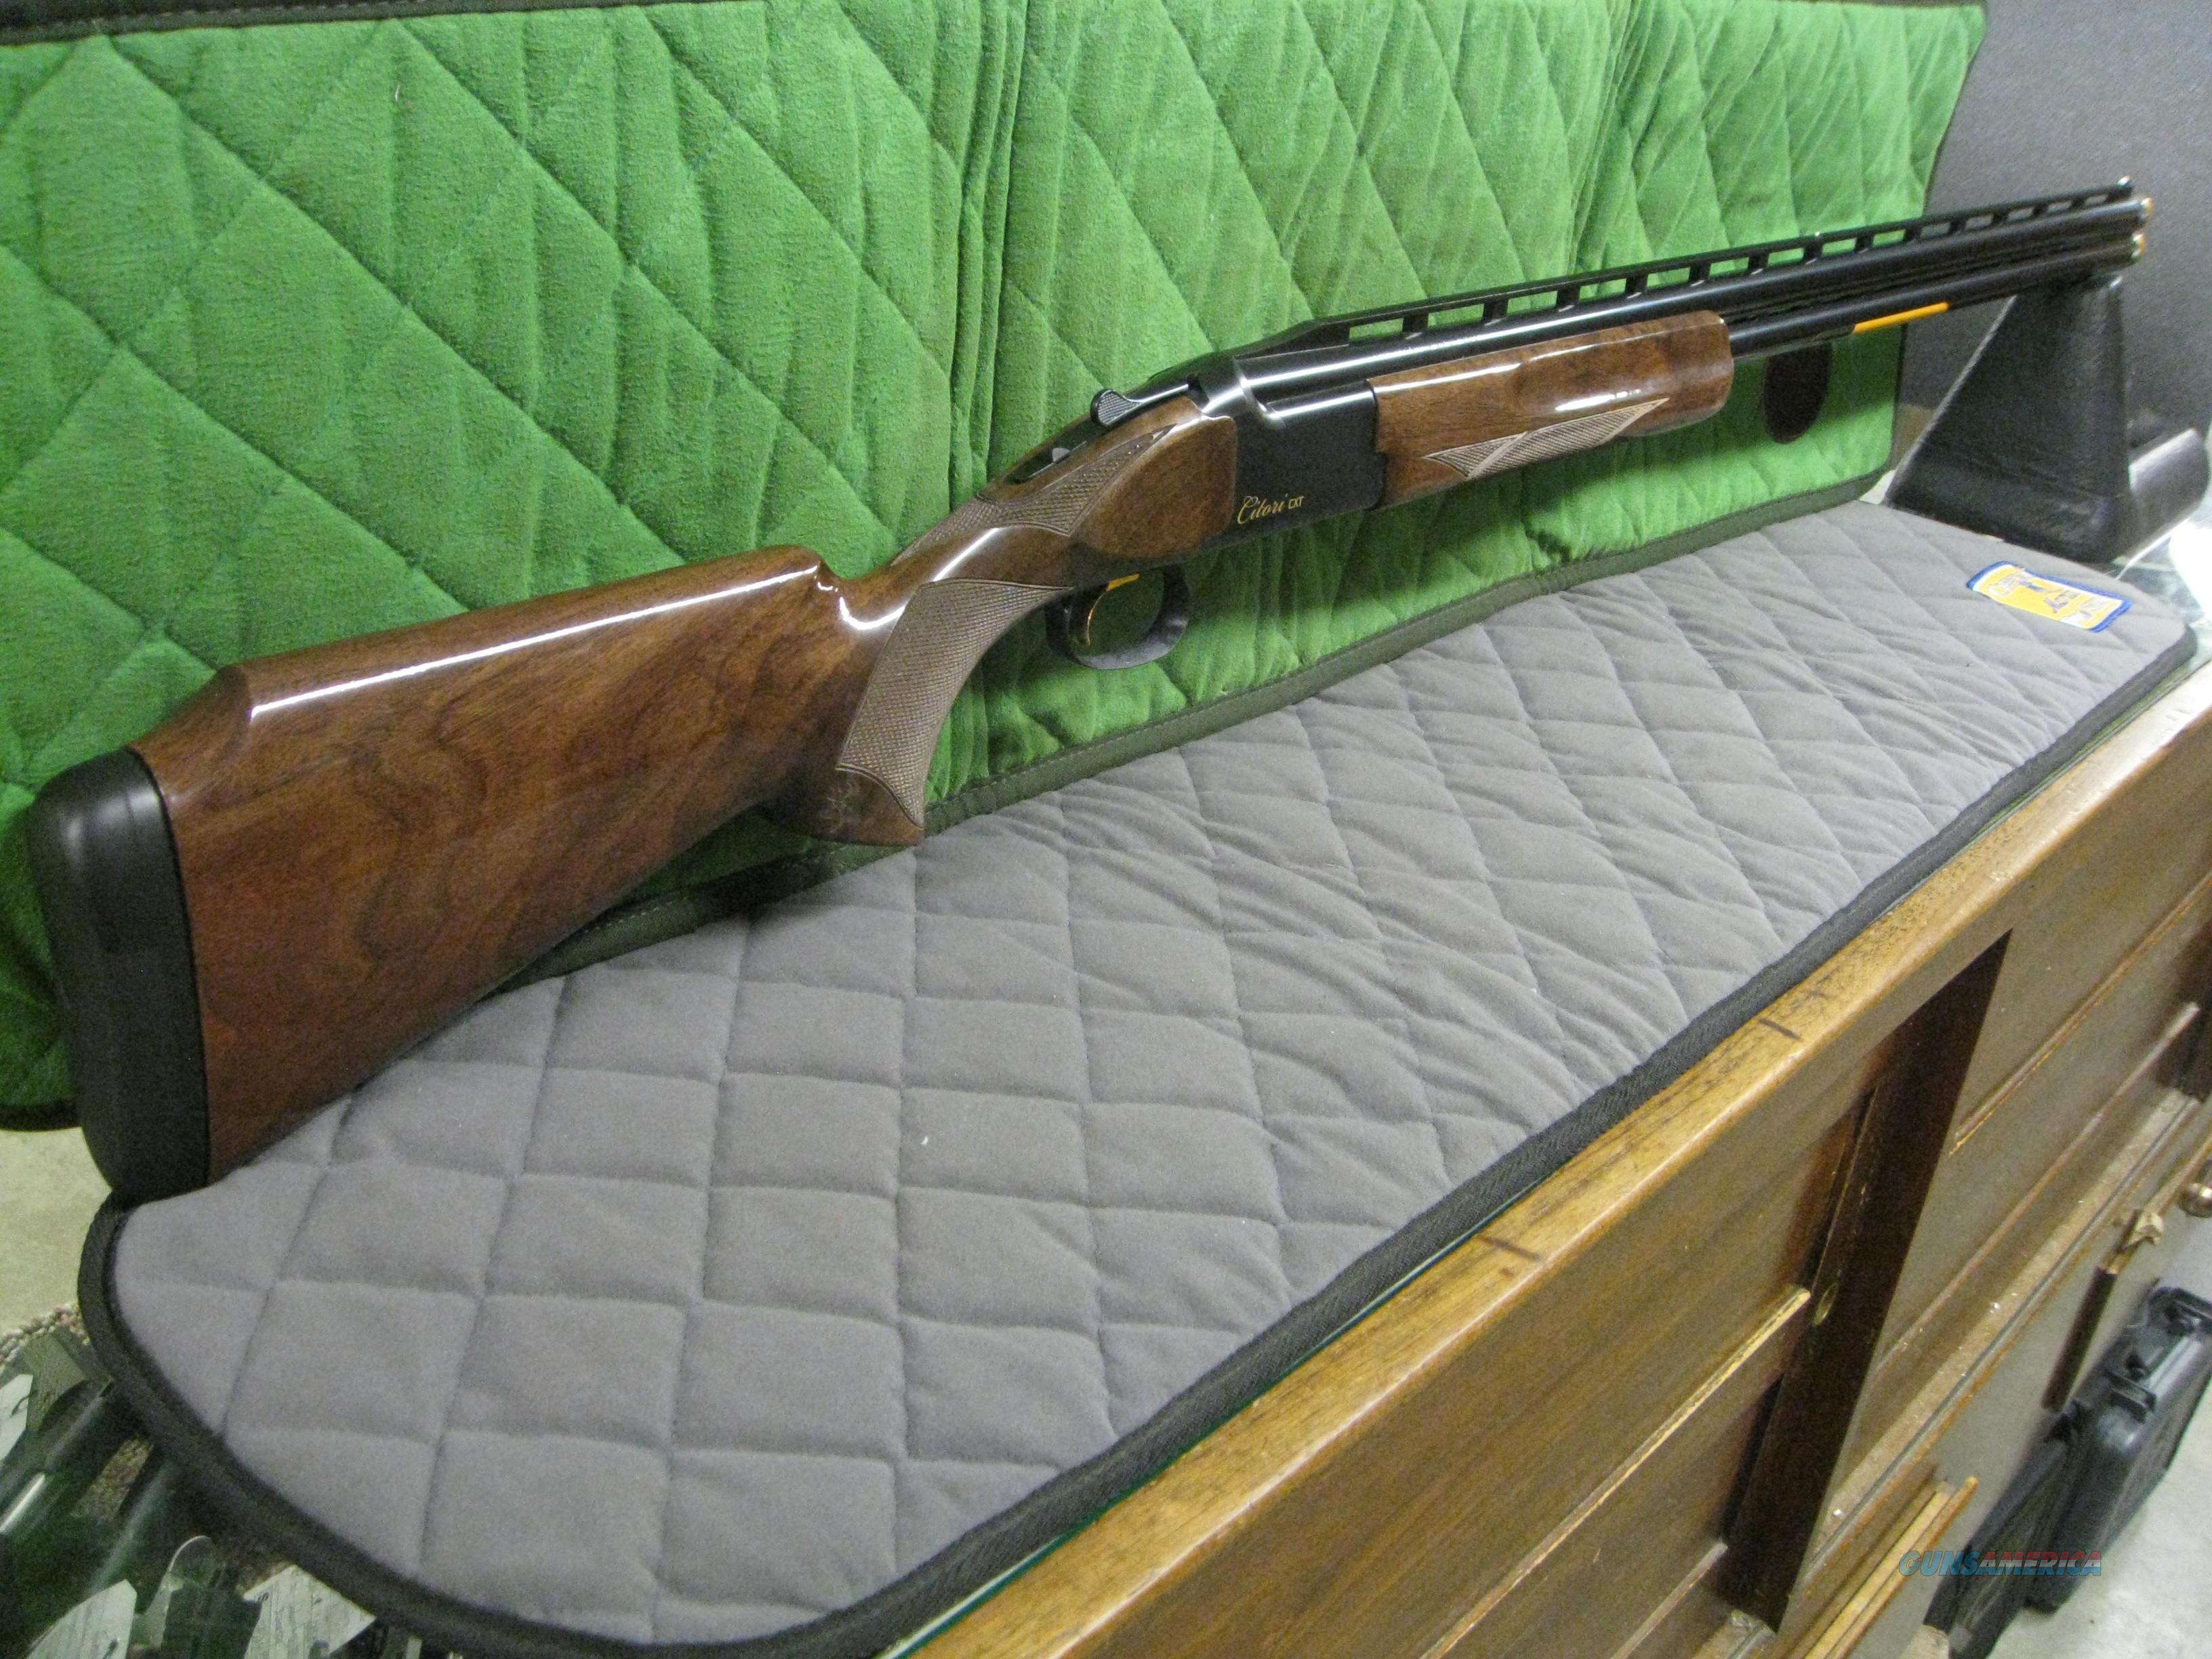 Browning Citori CXT 30 Inch  **NO CC FEES** 018074326  Guns > Shotguns > Browning Shotguns > Over Unders > Citori > Trap/Skeet